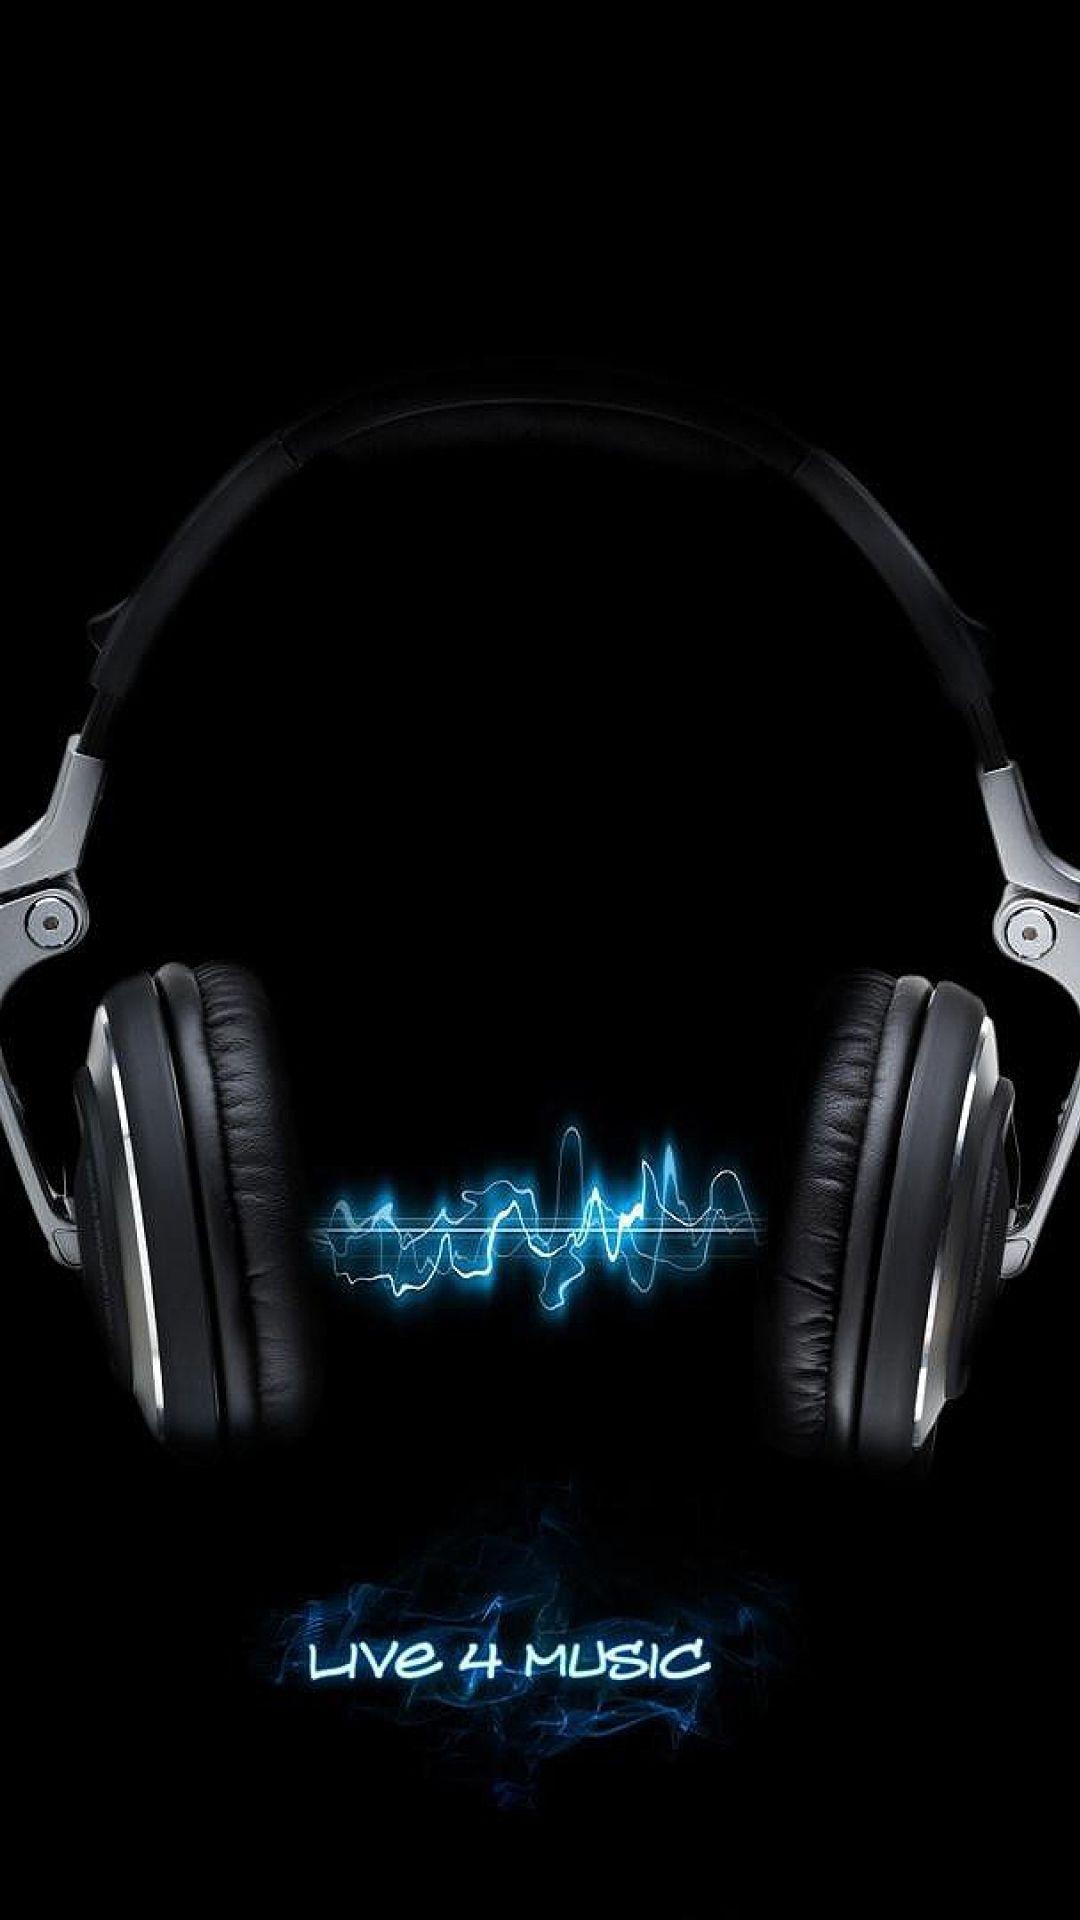 Зайцев.нет! Скачать музыку бесплатно в формате MP3 ...